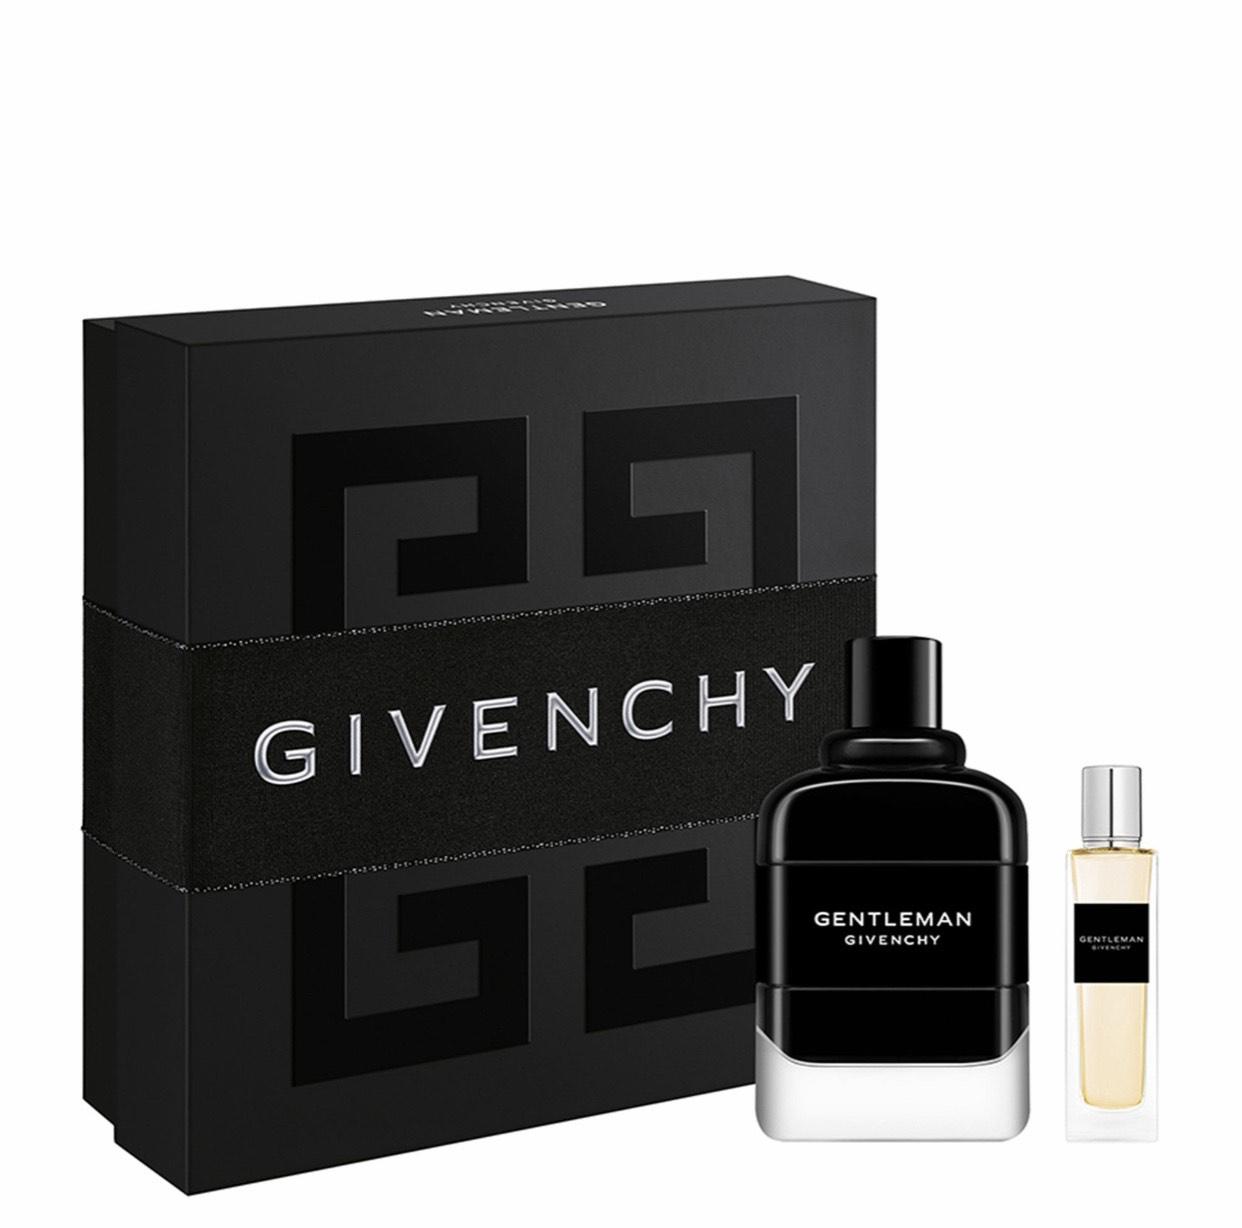 GIVENCHY Gentleman Fragrance Gift Set (100ml) £46.95 Delivered @ Harrods